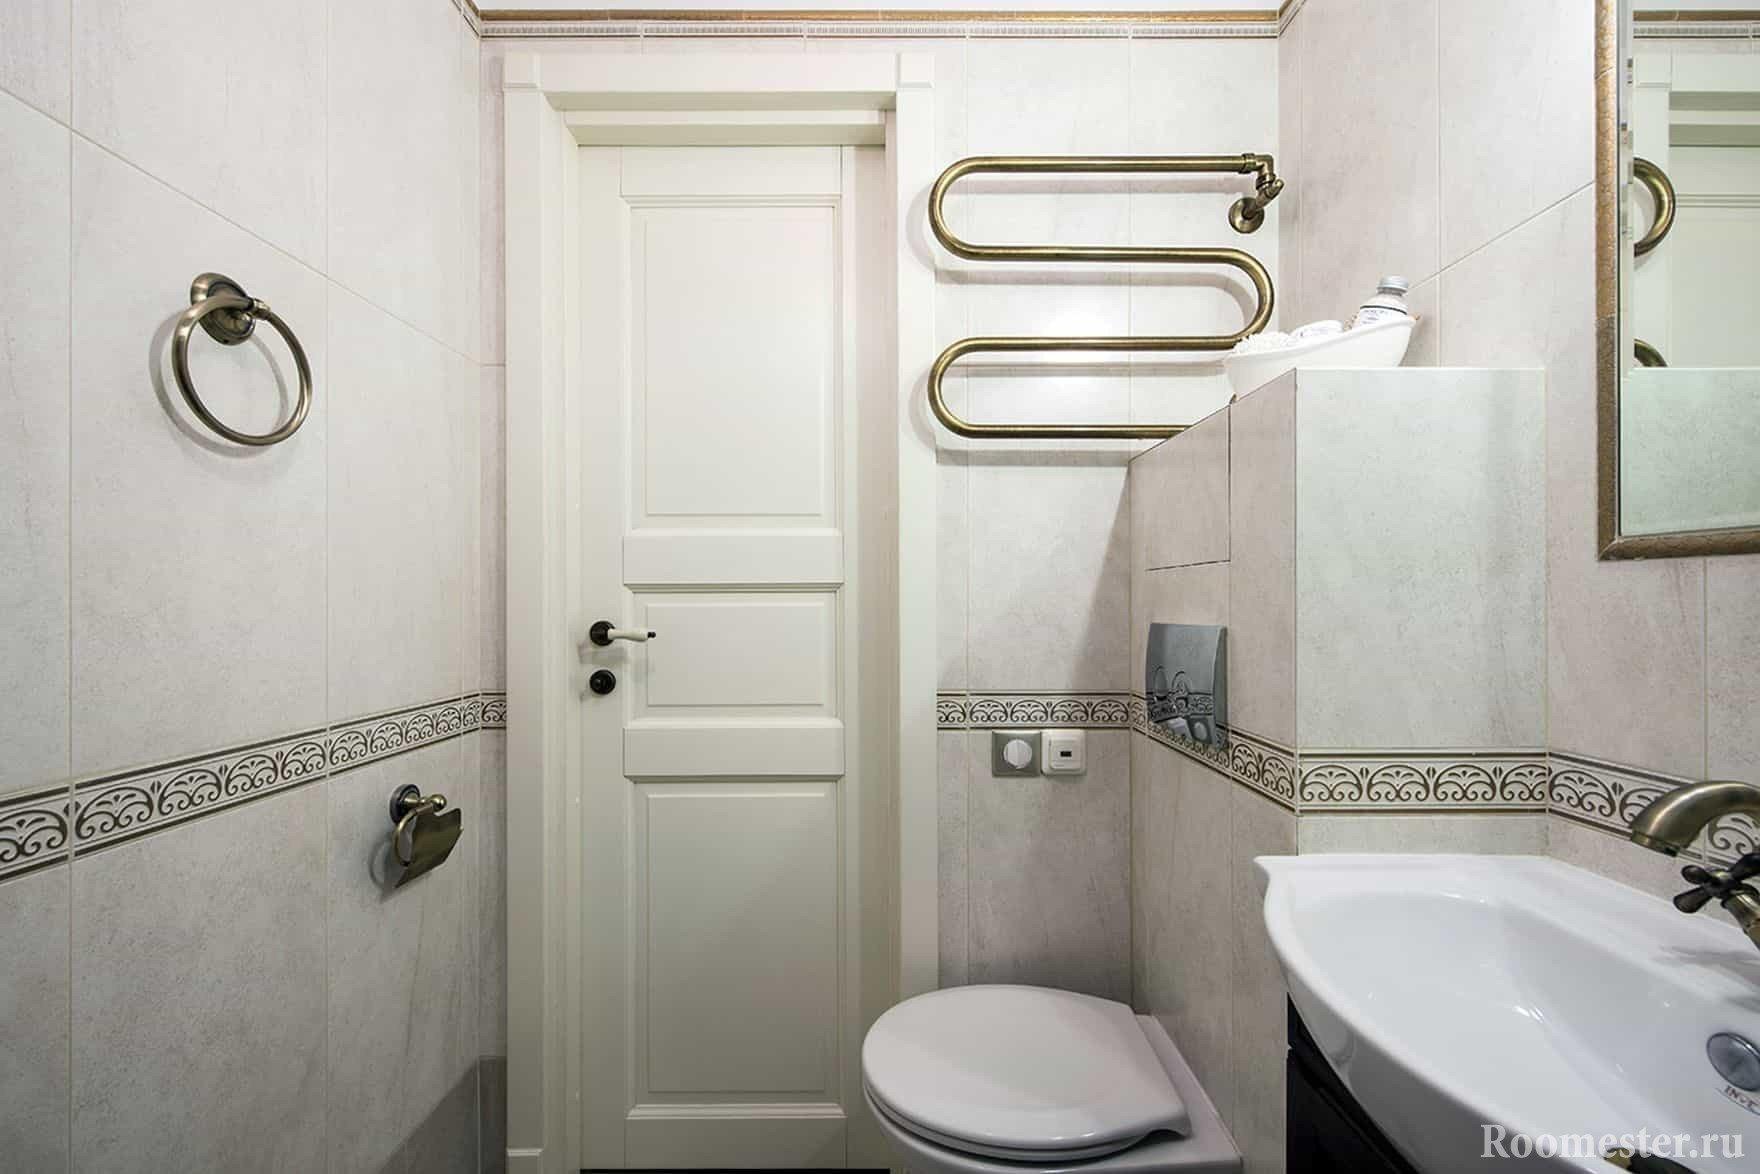 Дизайн идеи для ванной комнаты в панельном доме фото